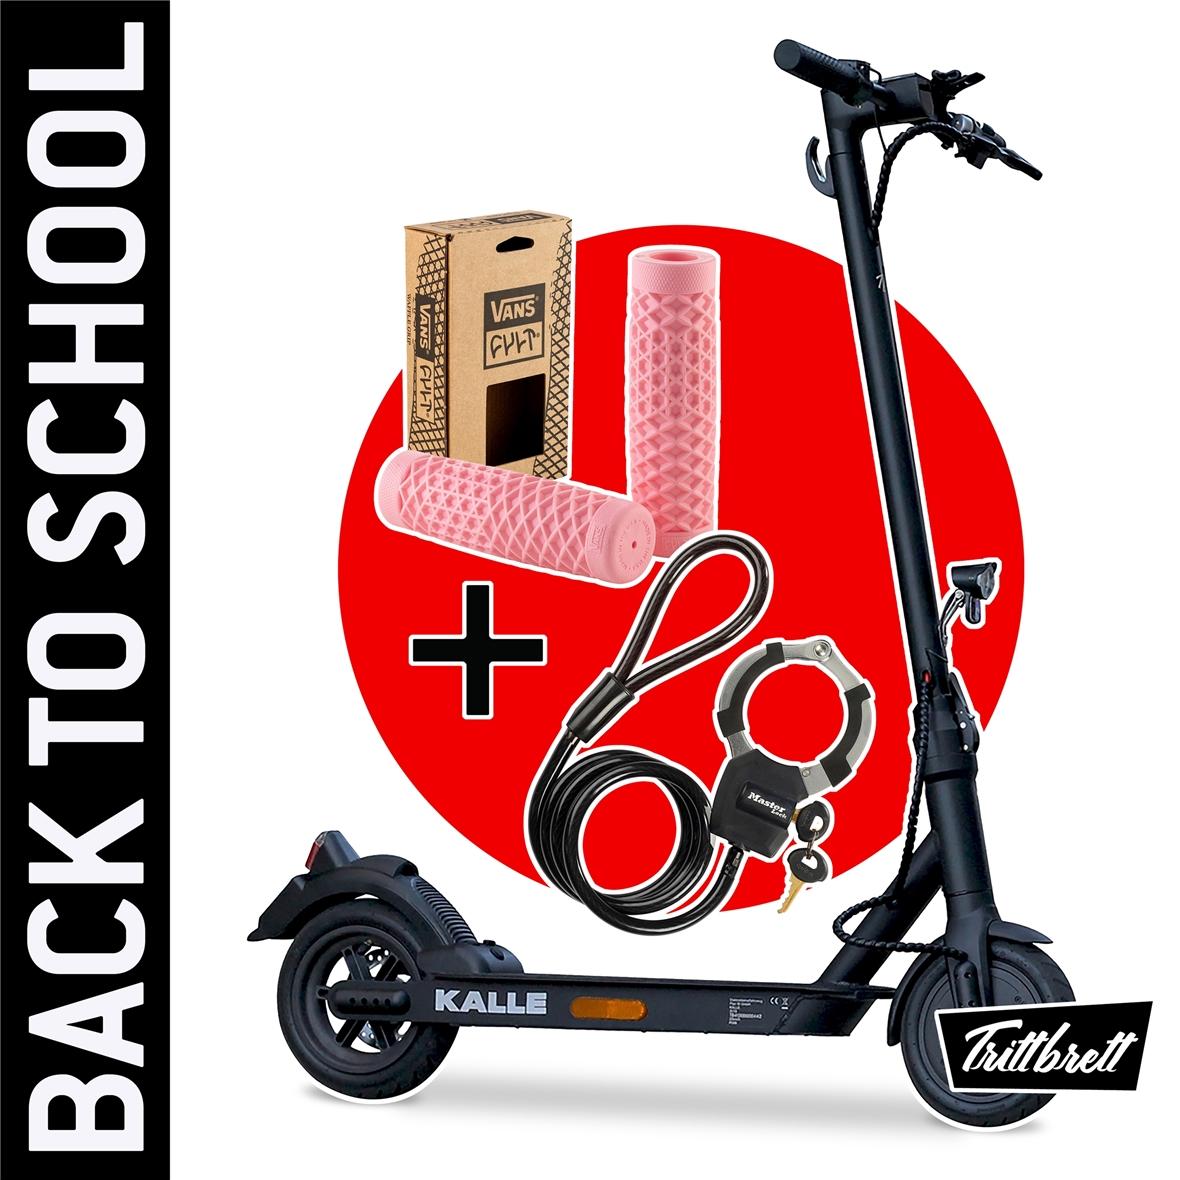 """Productafbeelding voor 'E-Scooter """"BACK TO SCHOOL"""" Bundle TRITTBRETT Kalle met VANS-handgrepen (rosa) en Masterlock StreetcuffTitle'"""